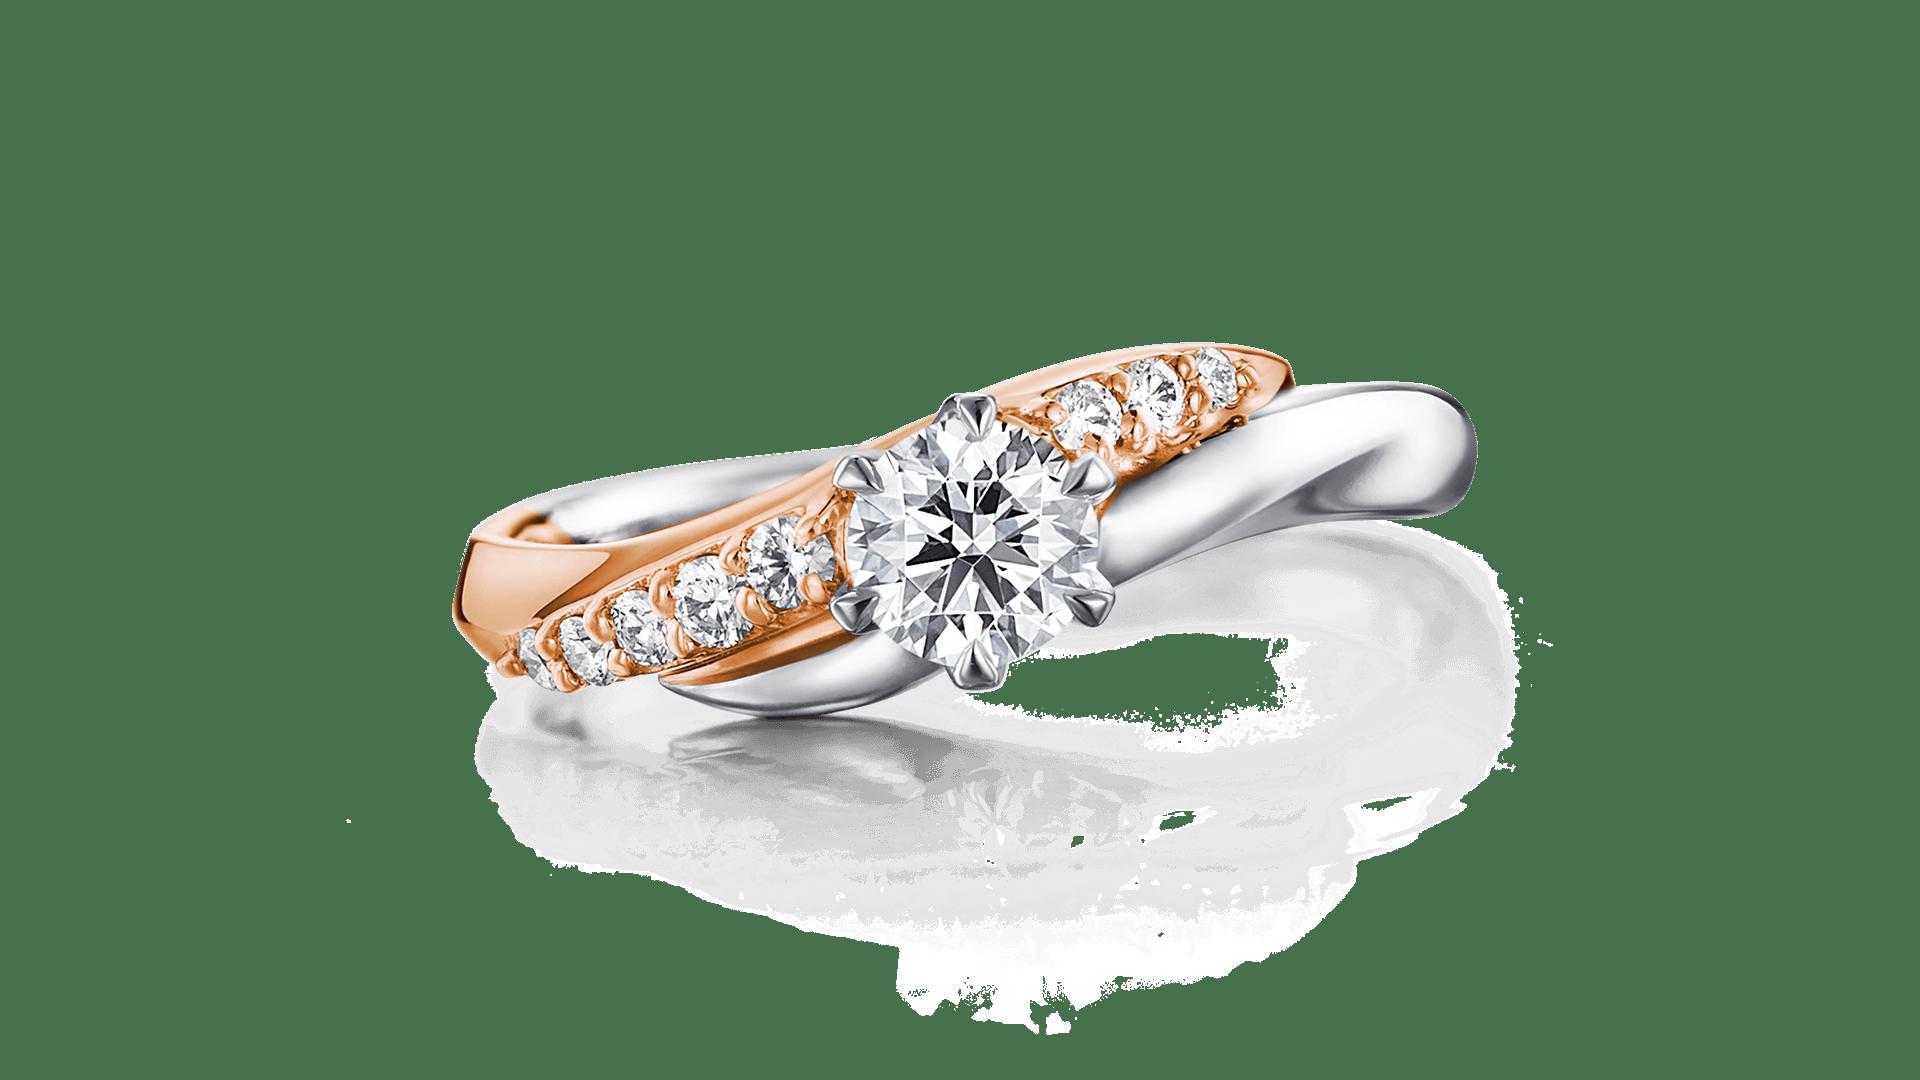 marfie マルフィ | 婚約指輪サムネイル 1